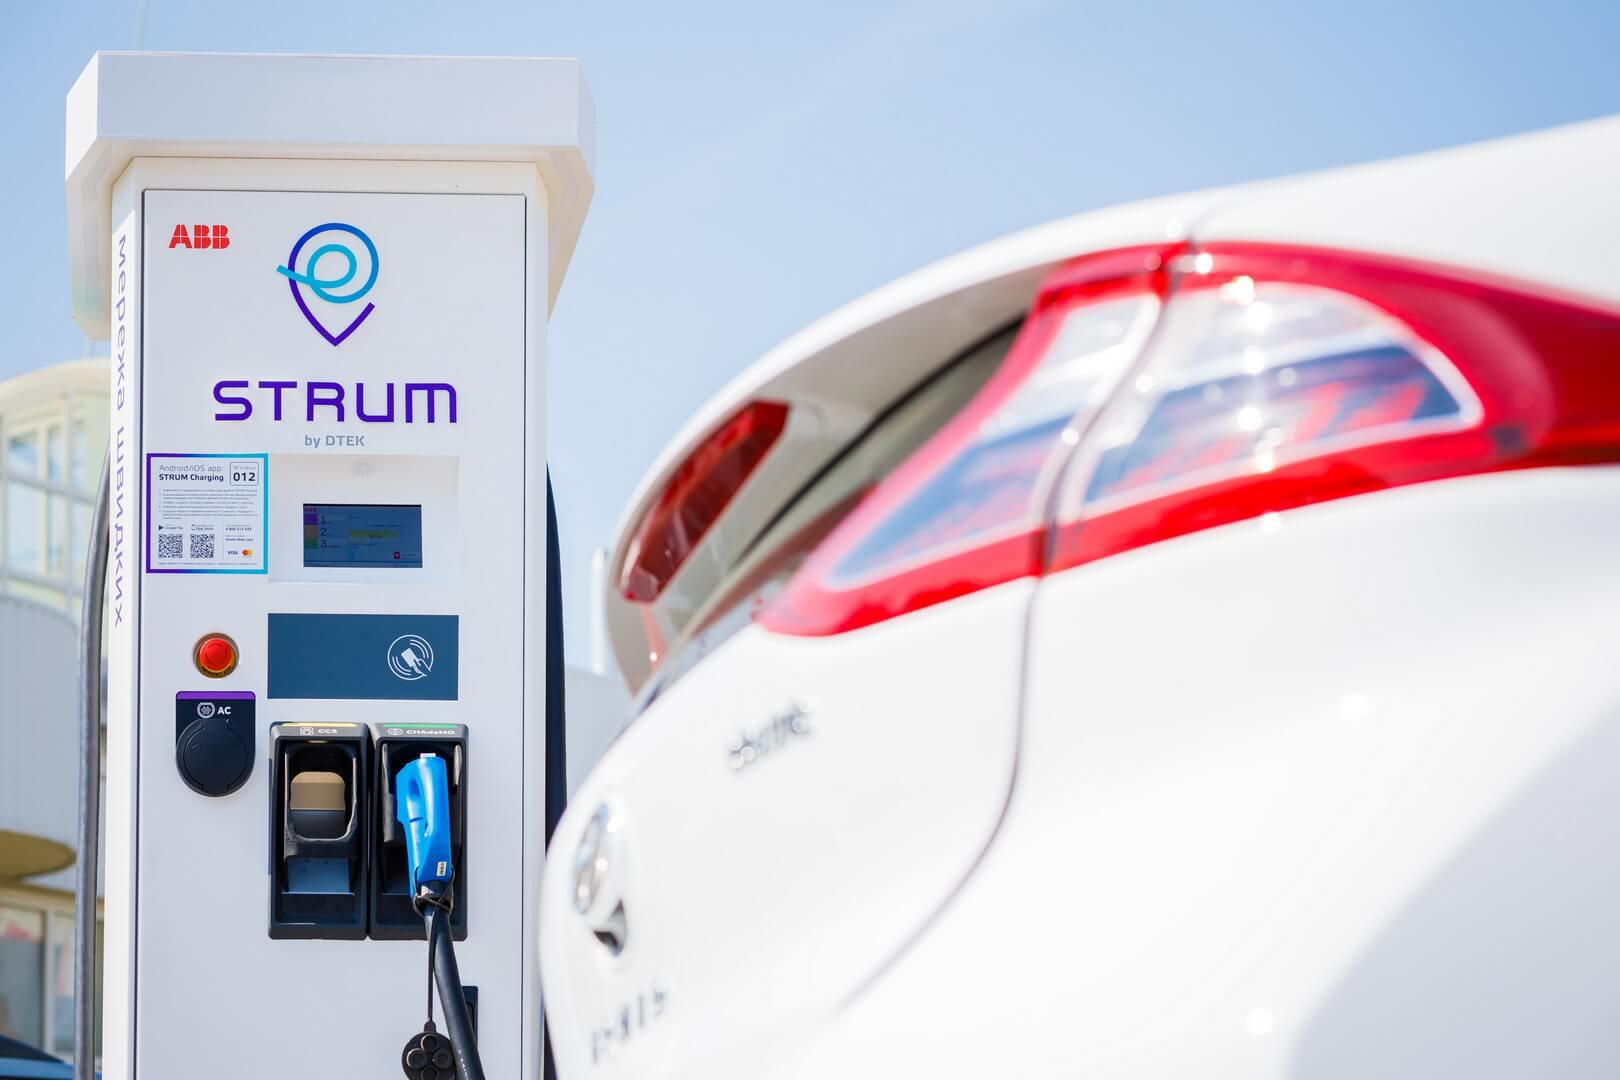 ДТЭК соединил Киев и Львов сетью быстрых зарядних станций STRUM